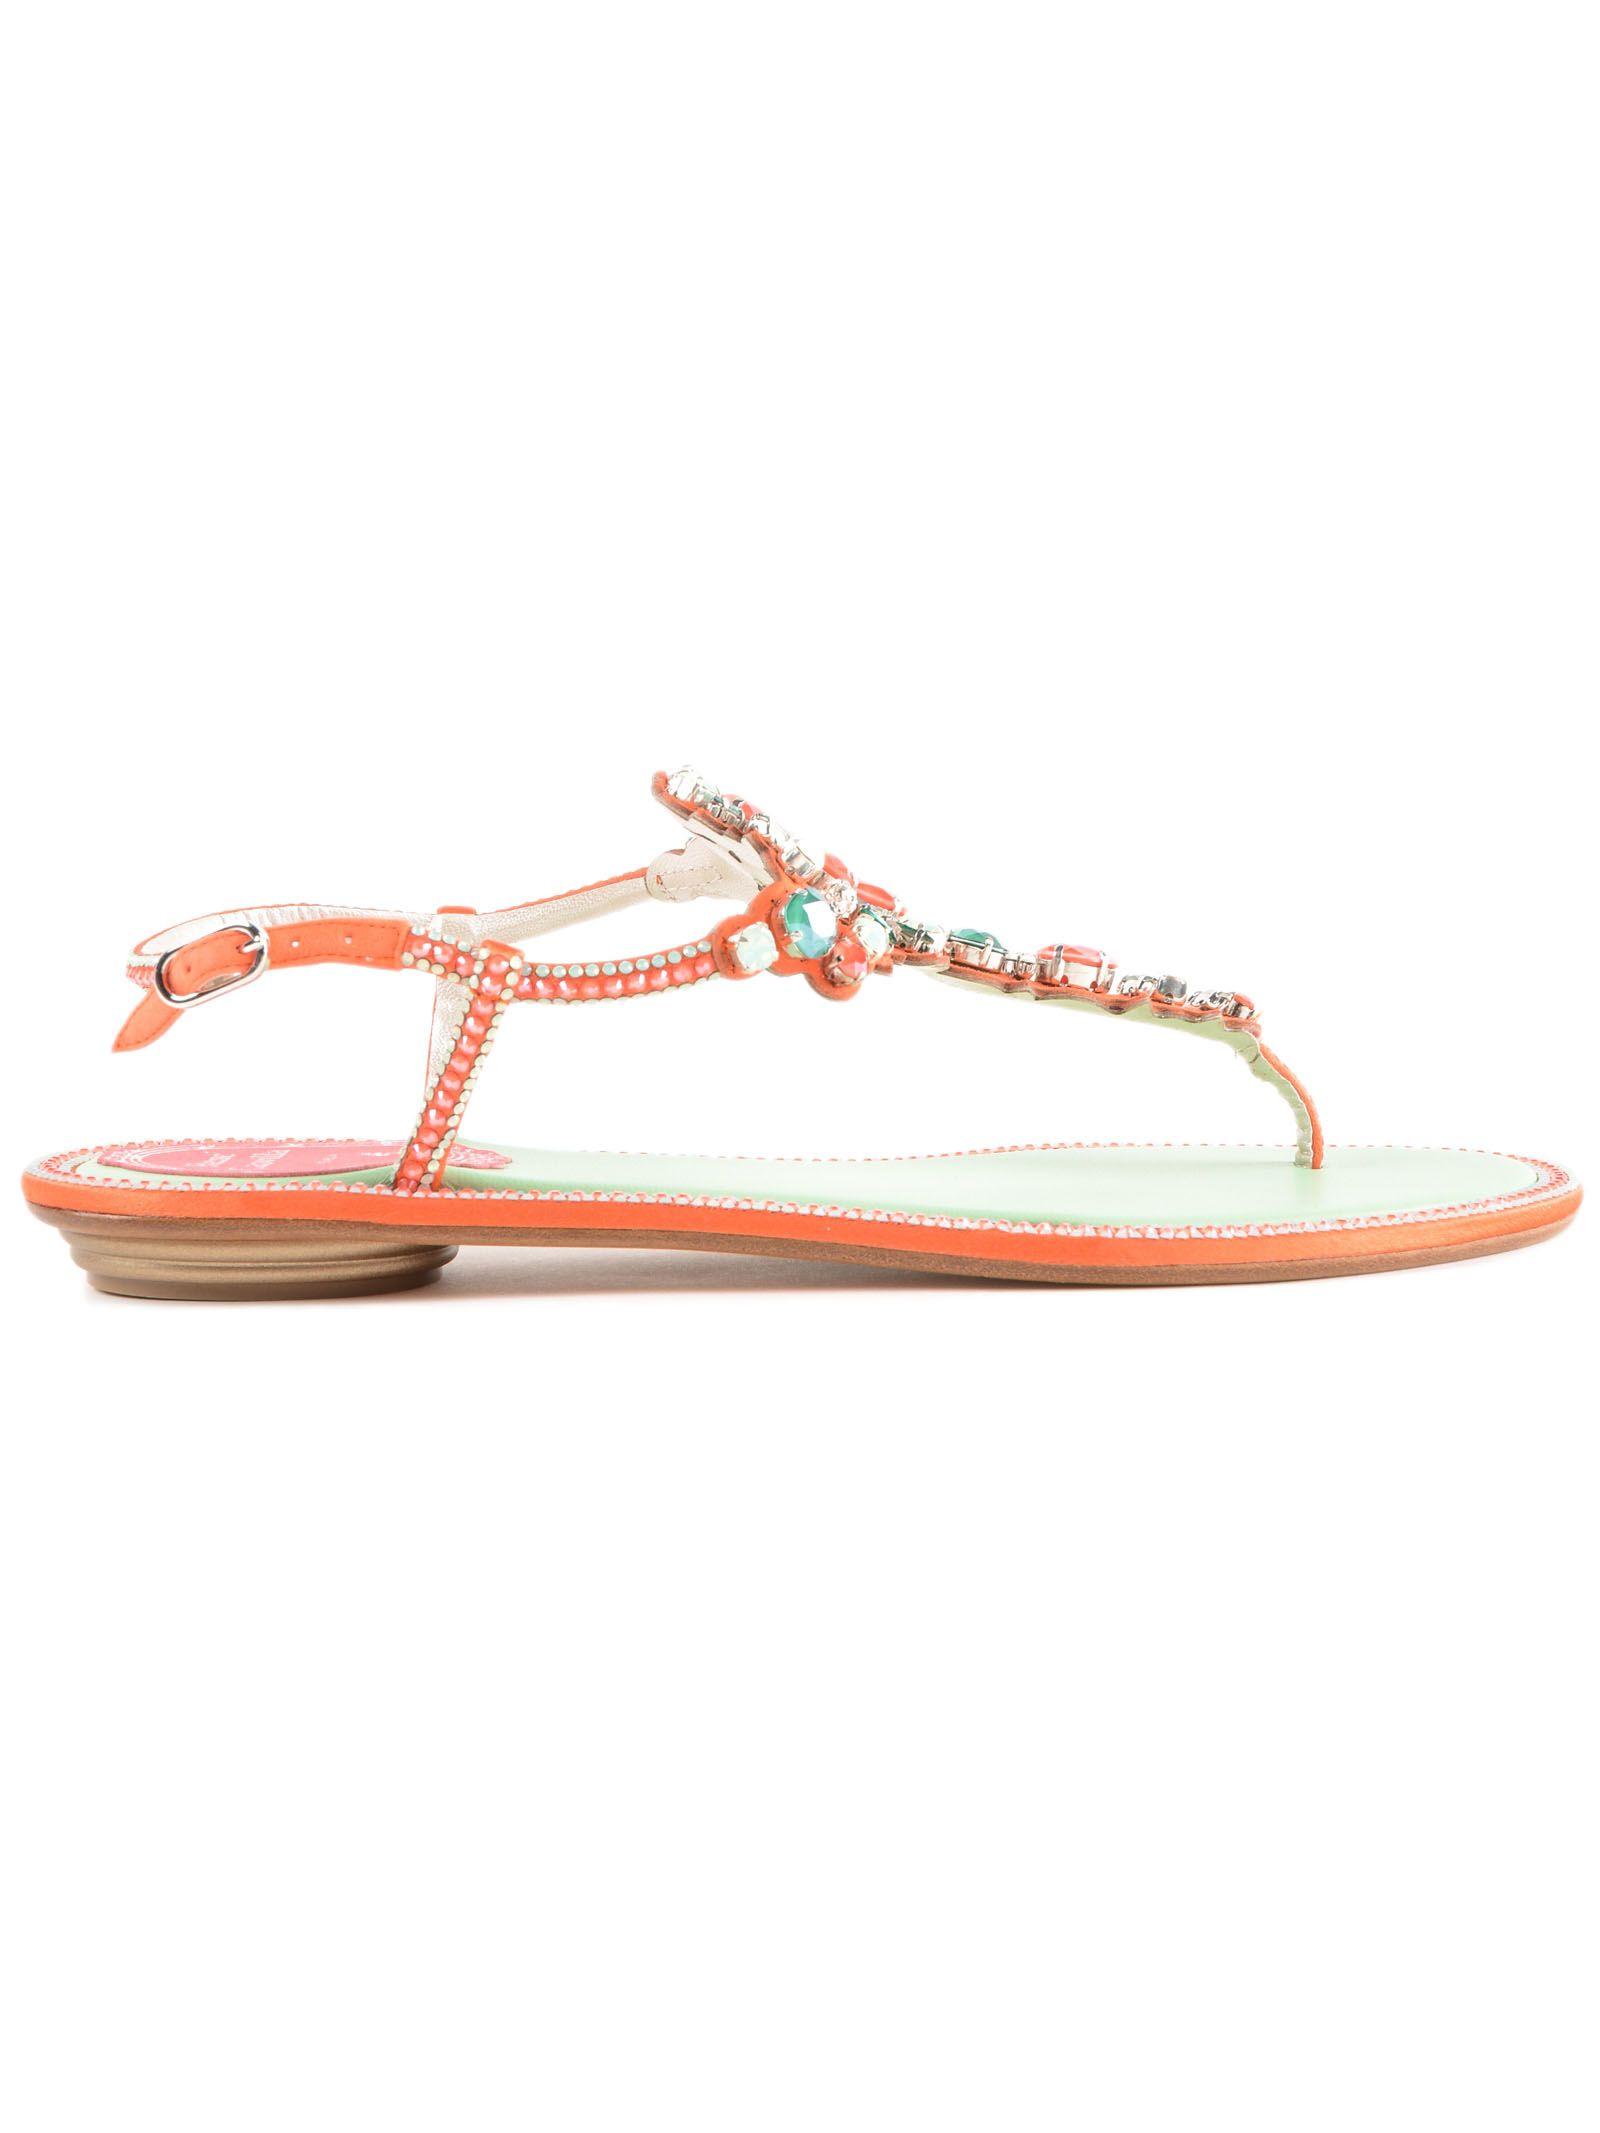 7b15fa9d0 RENÉ CAOVILLA Embellished Open-Toe Sandals